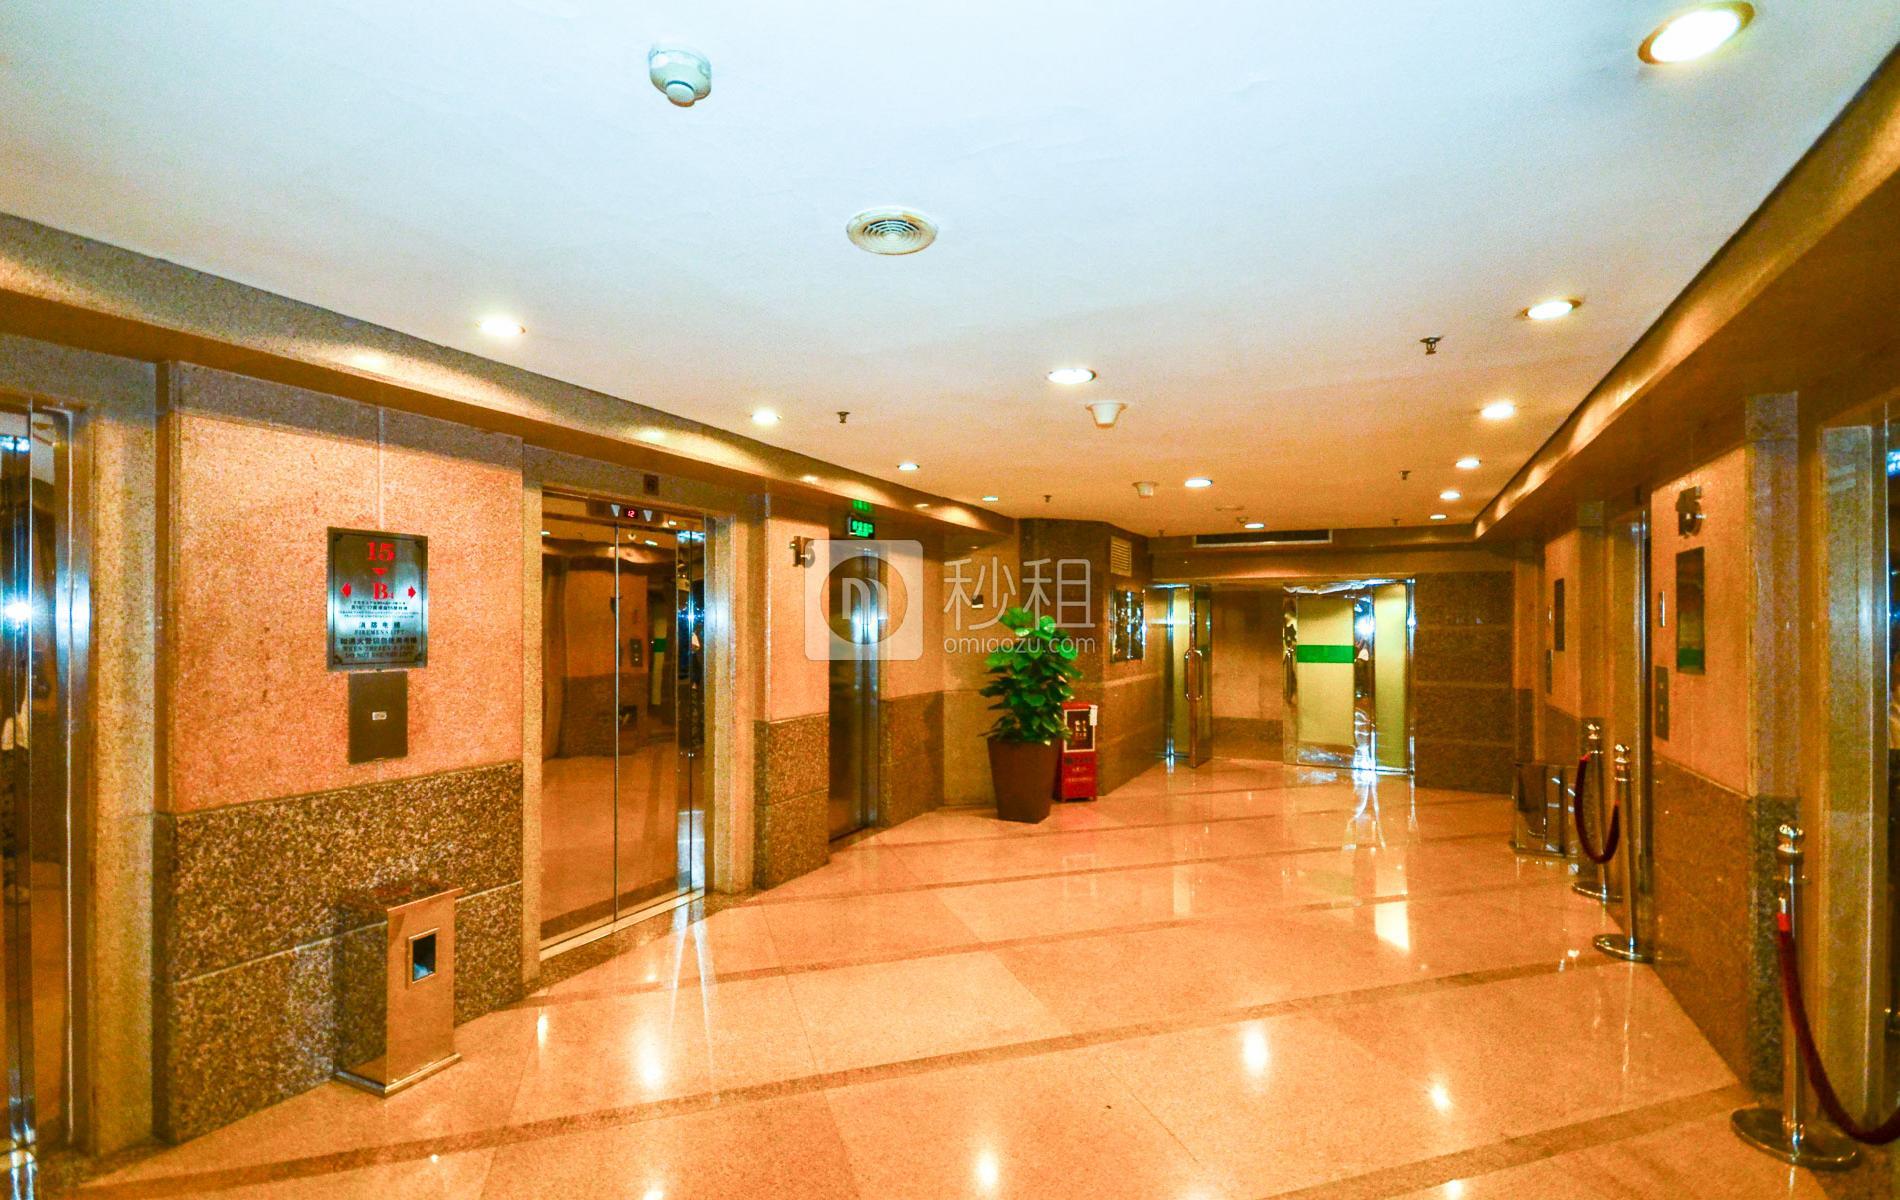 国际银行中心写字楼出租/招租/租赁,国际银行中心办公室出租/招租/租赁